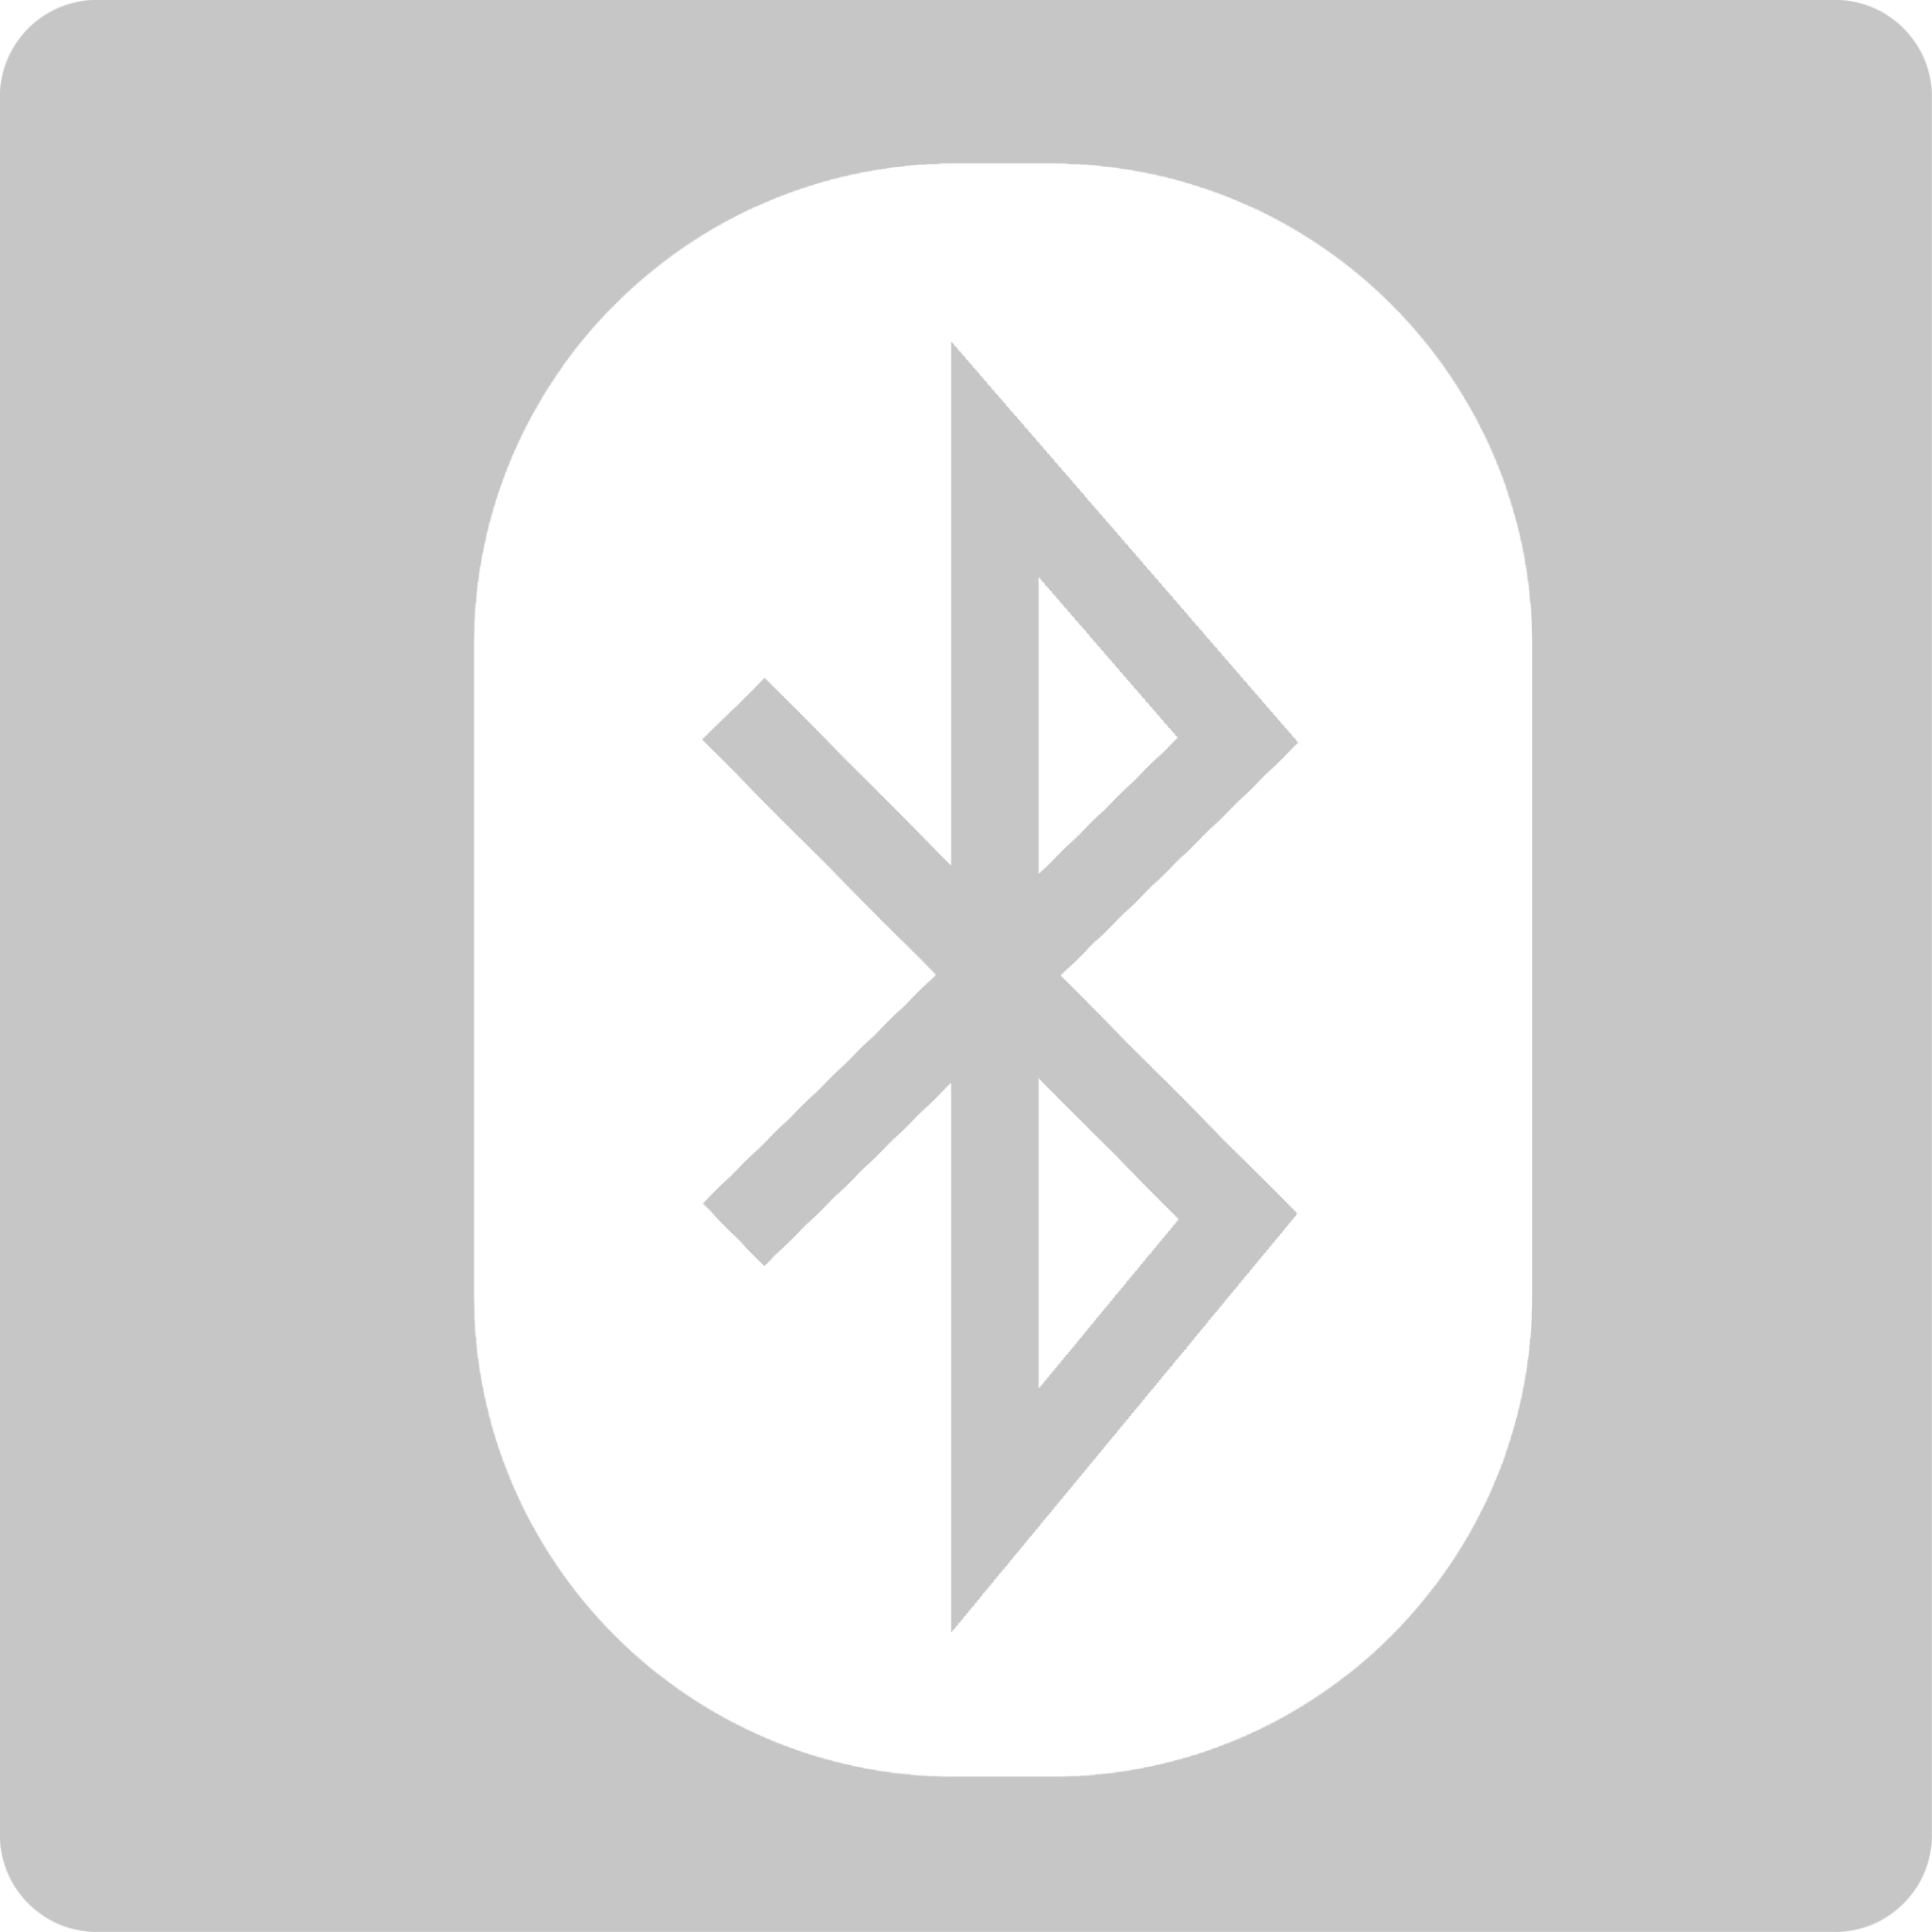 Bluetooth Afstandsmeter